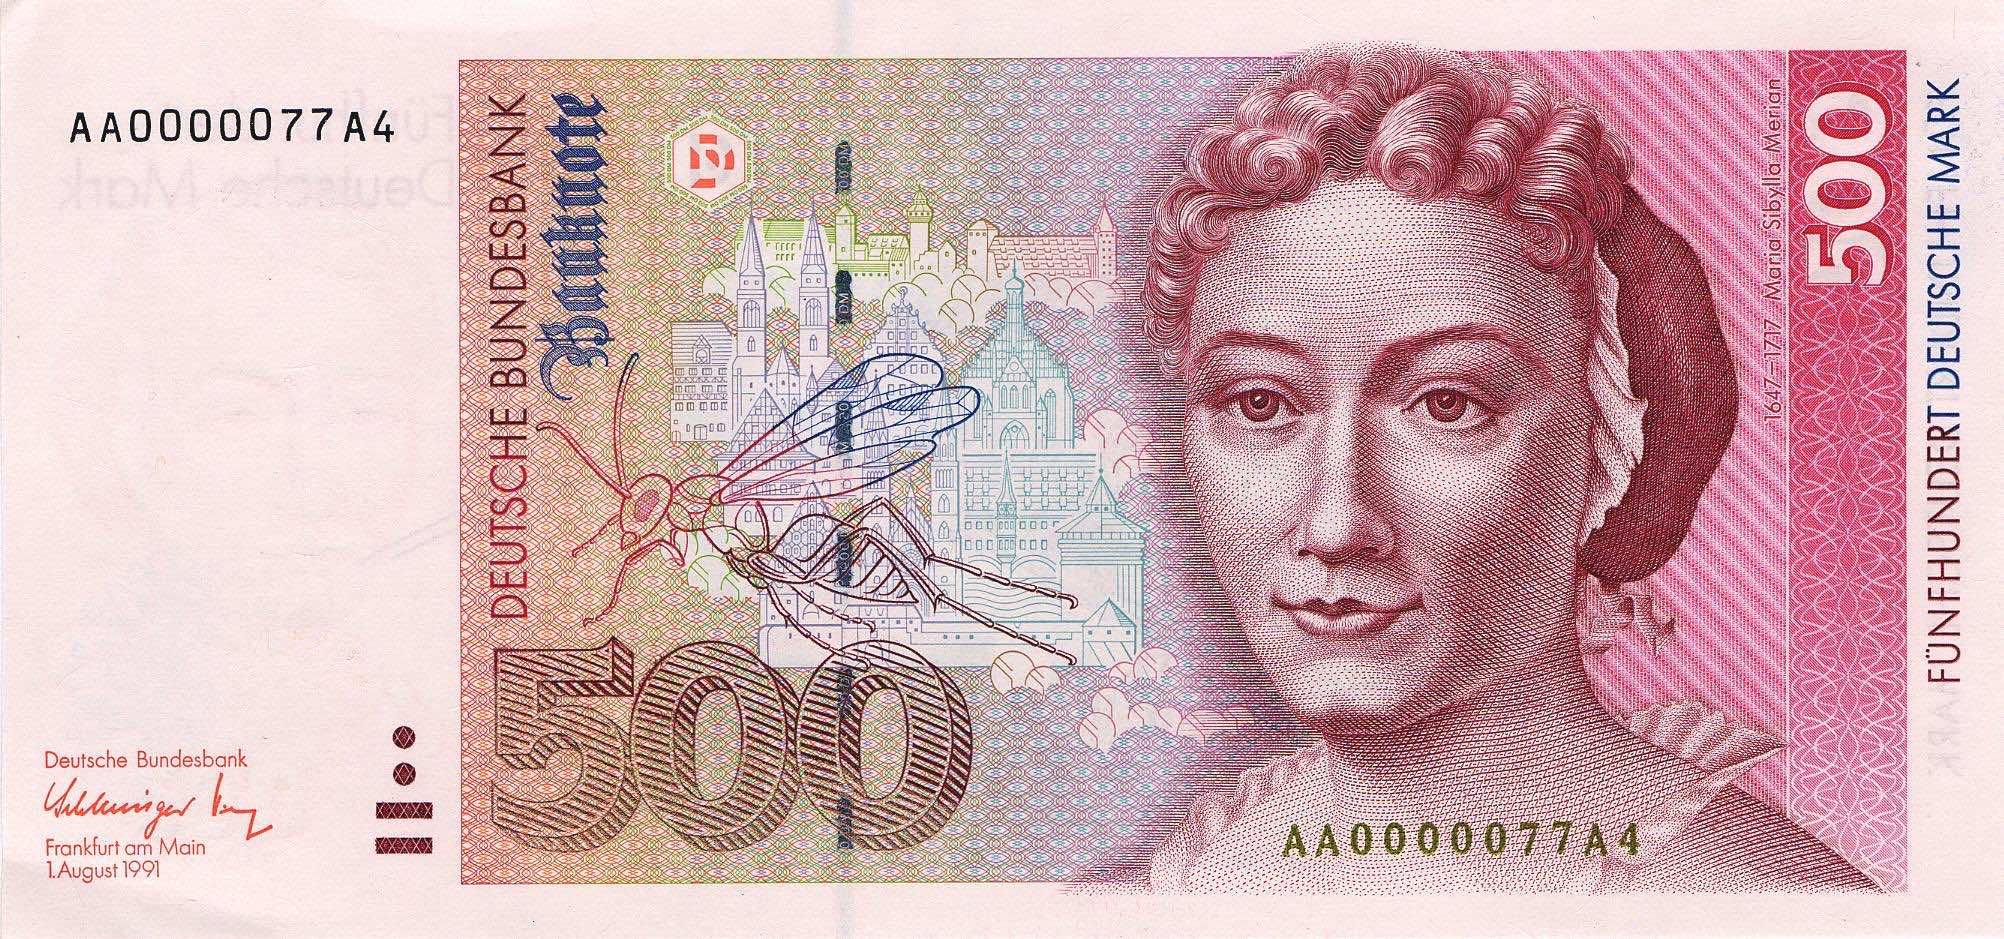 currencies origins story16